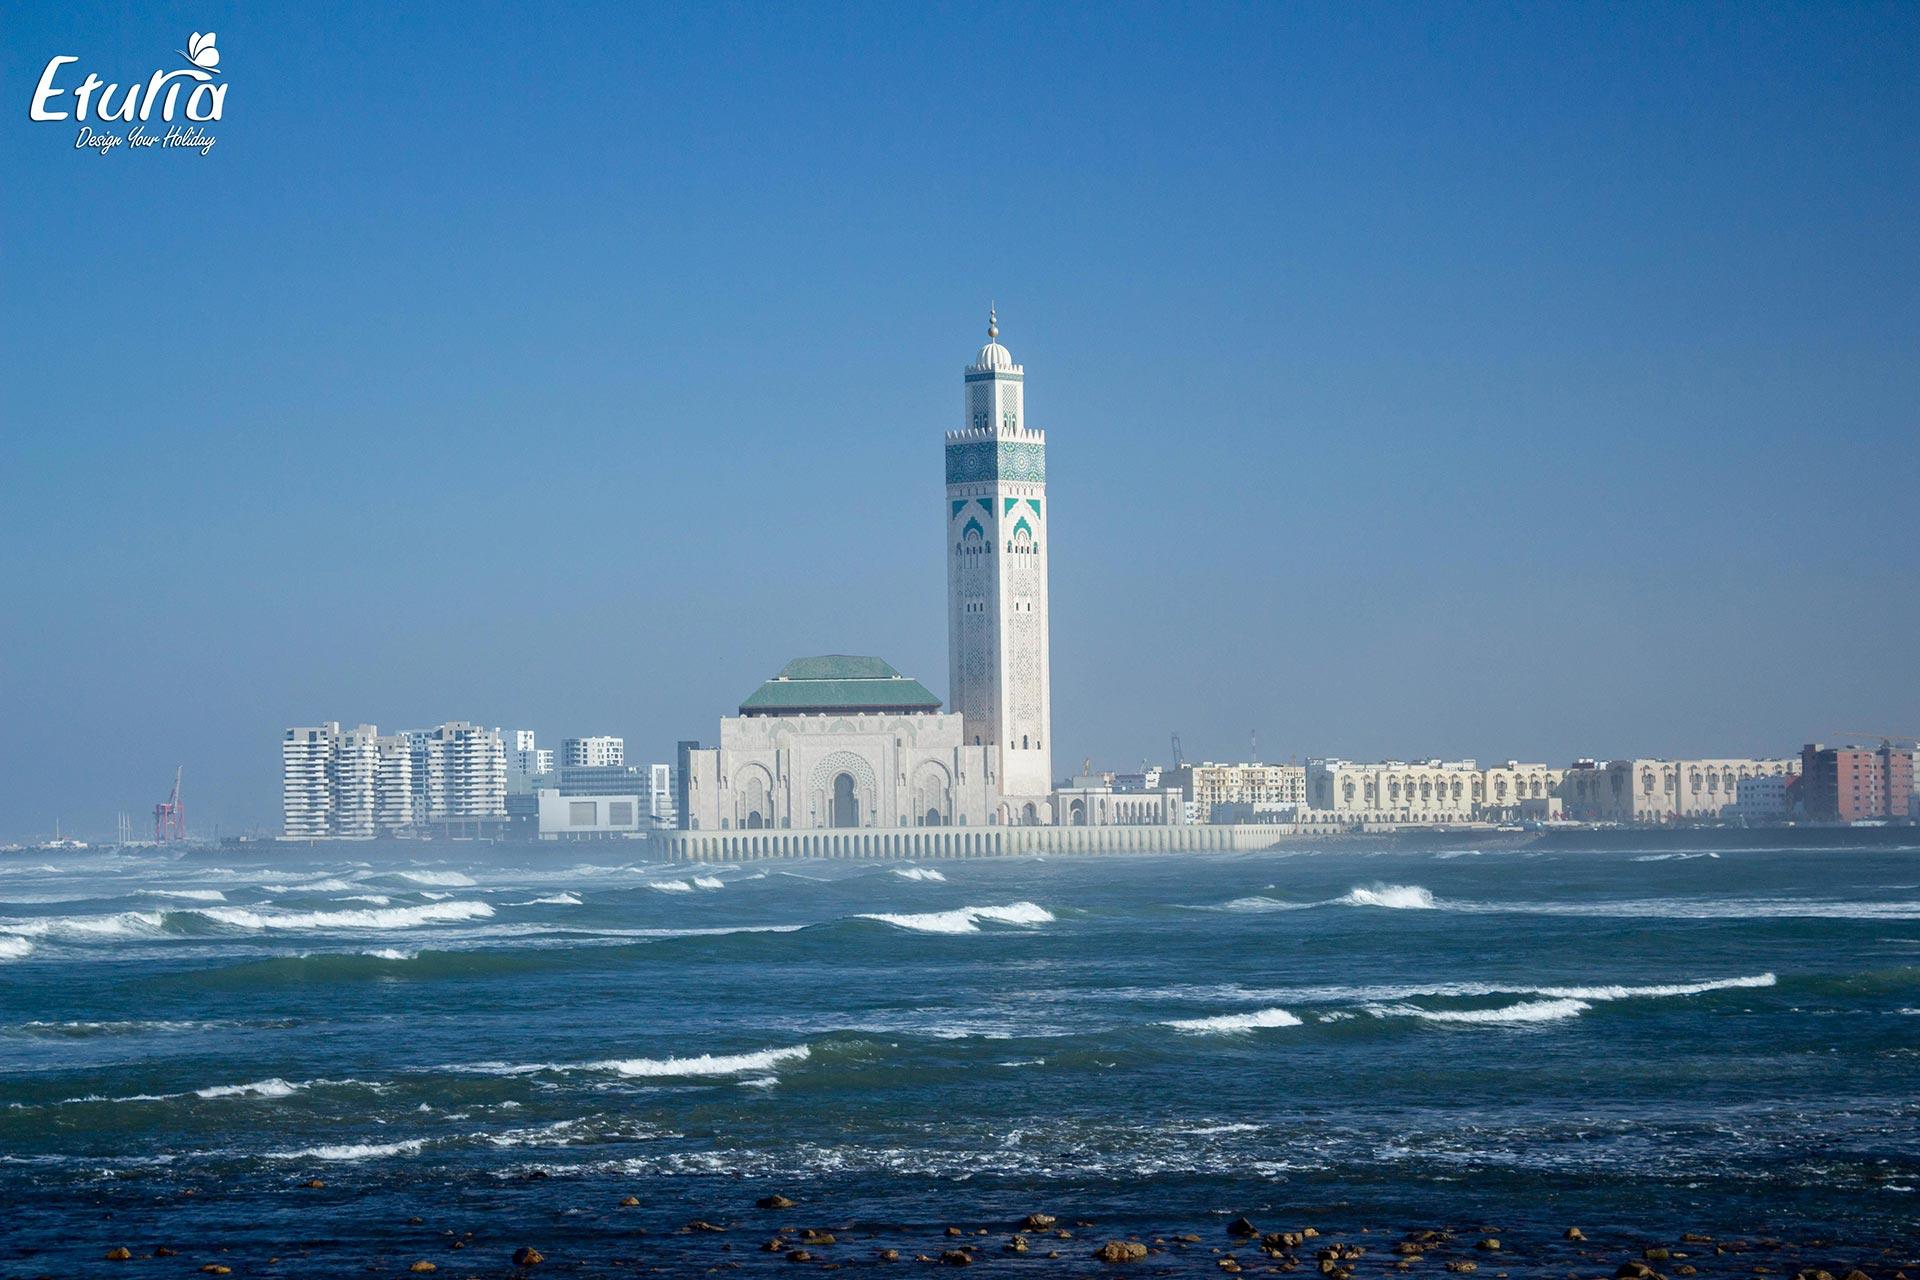 Intalnirea fetelor Casablanca Maroc